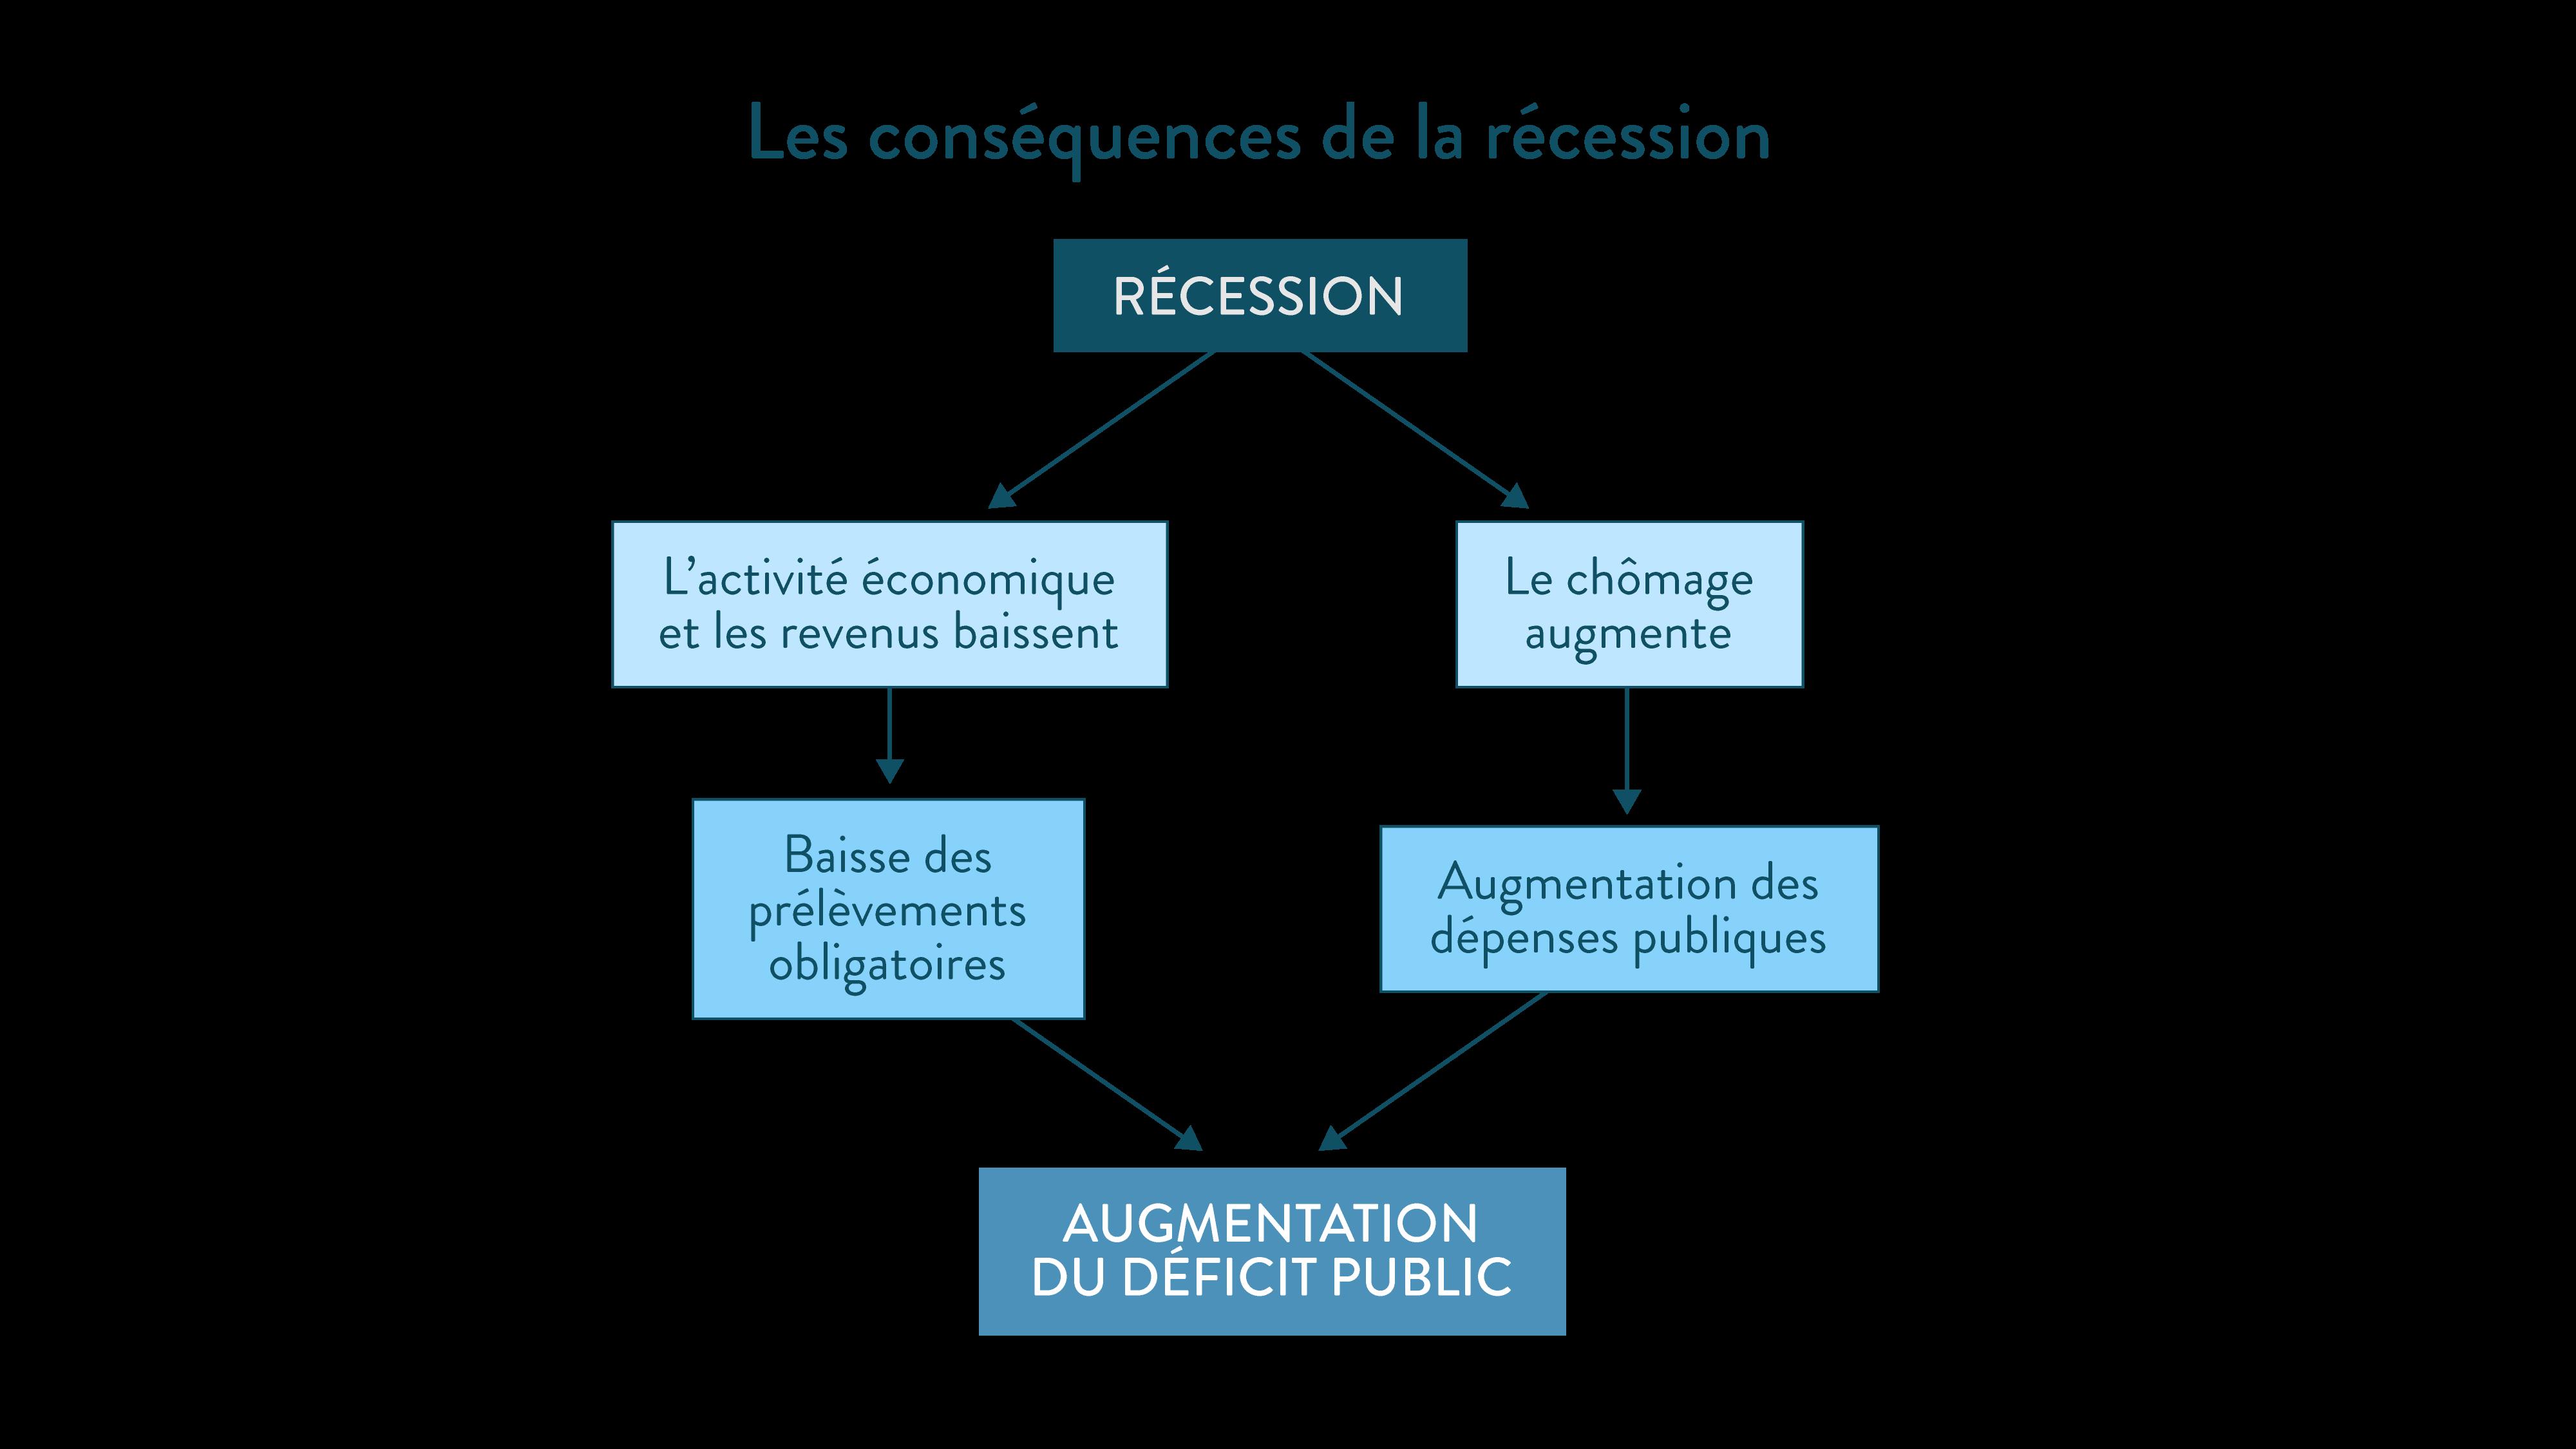 Les conséquences de la récession déficit public schéma ses première